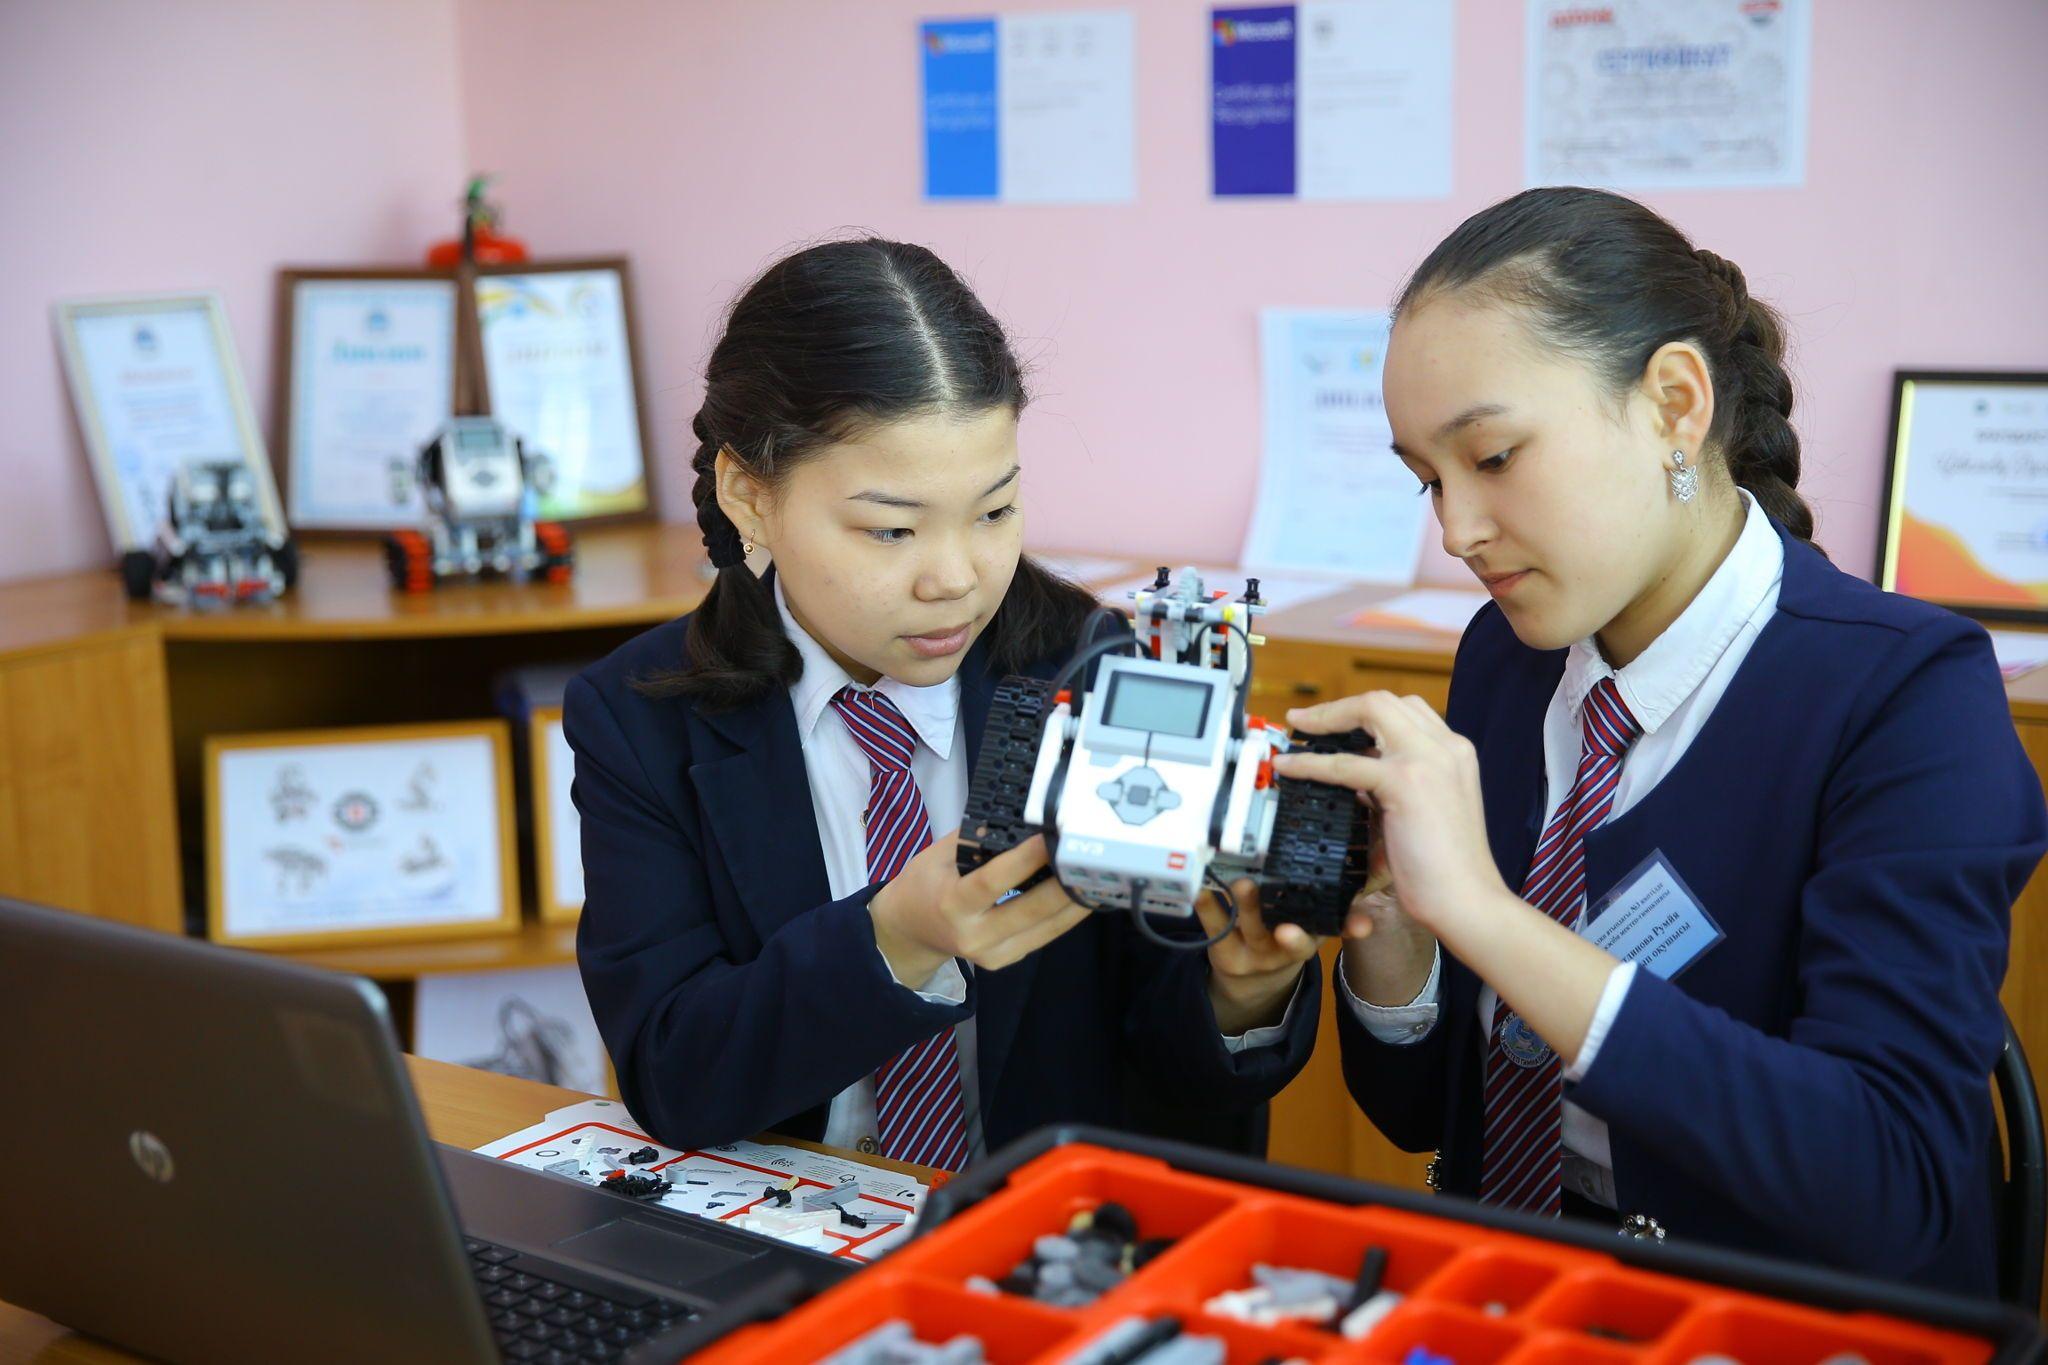 ВКазахстане откроют более тысячи IT-классов- Kapital.kz